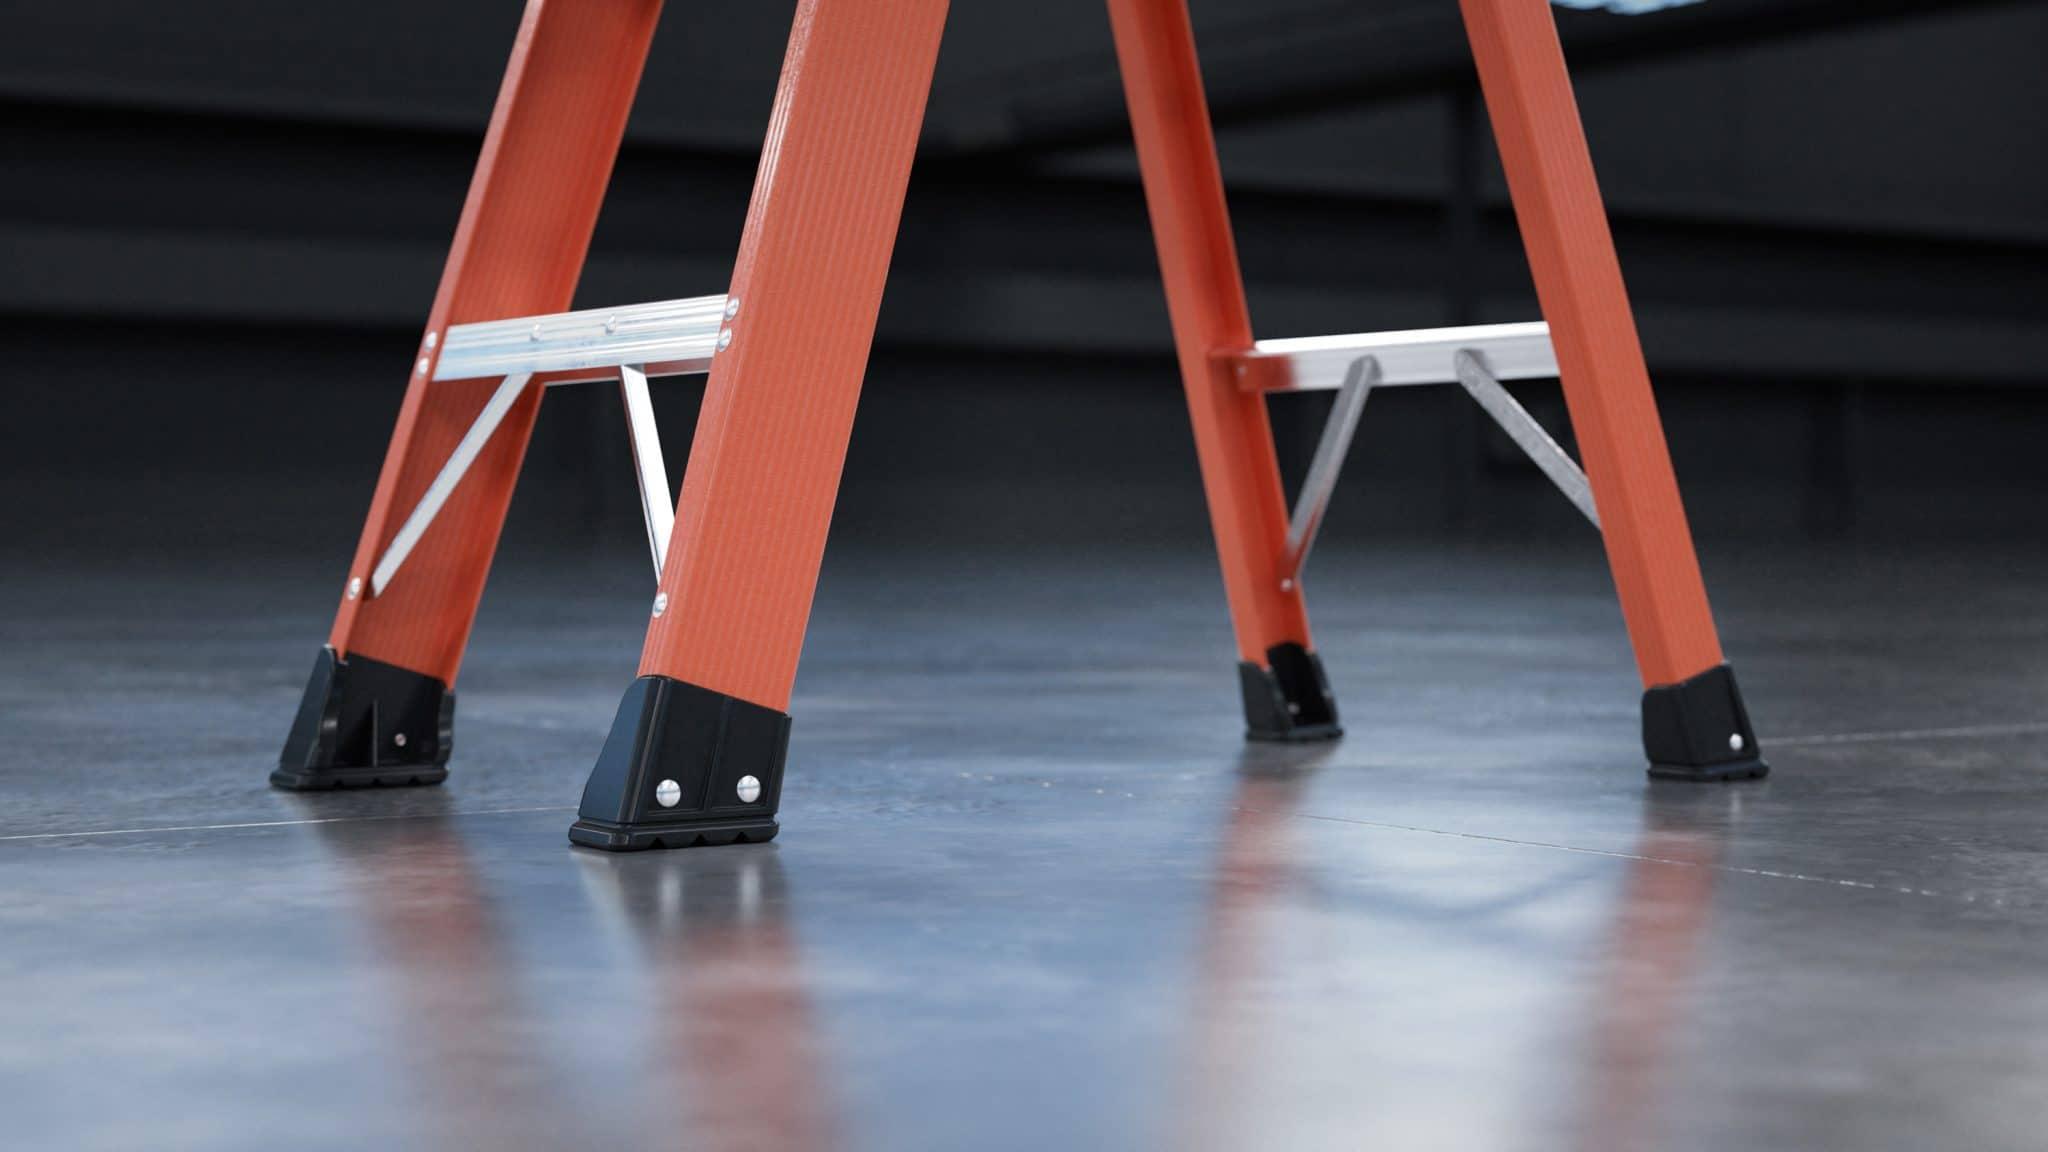 Werner_Ladder_Still_1